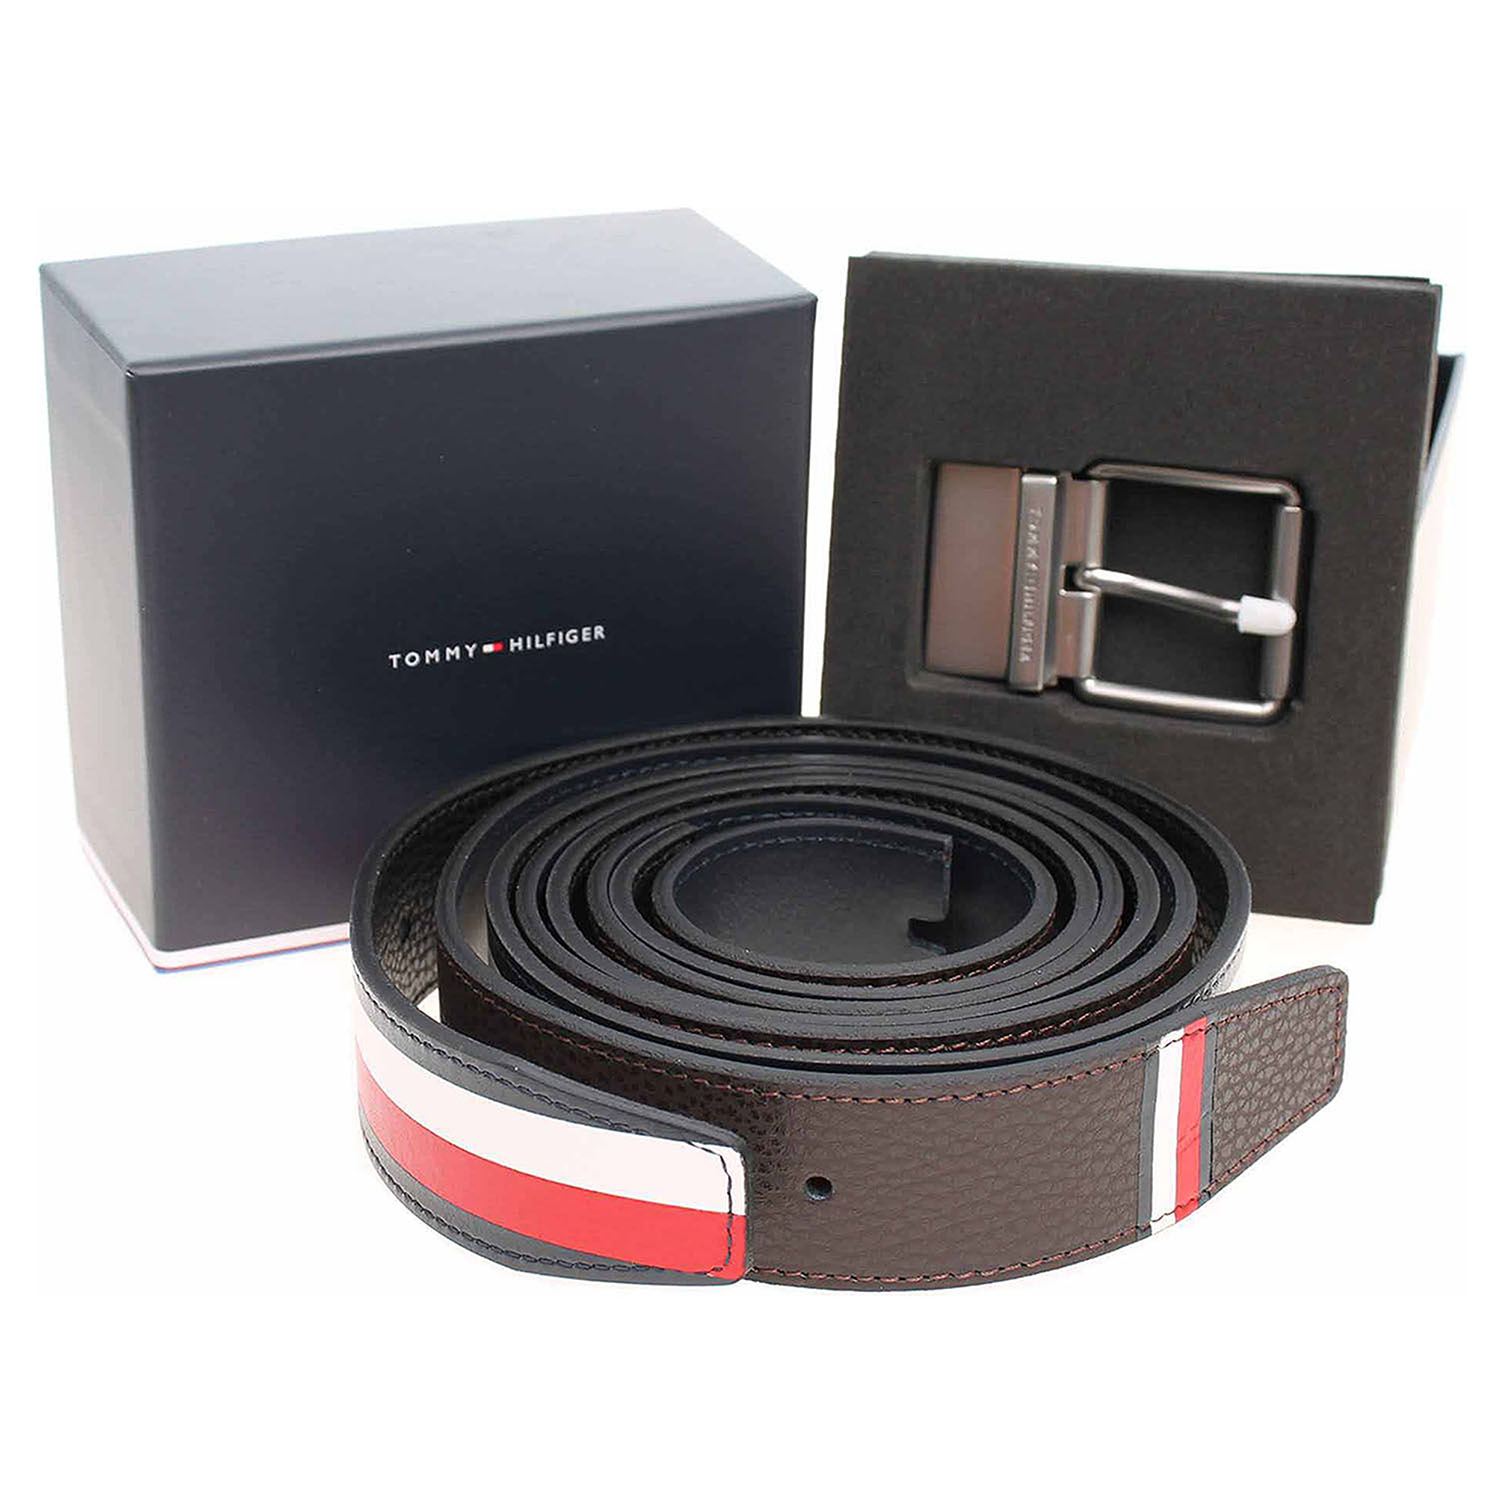 Tommy Hilfiger pánský pásek AM0AM04609 901 multi strap AM0AM04609 901 100